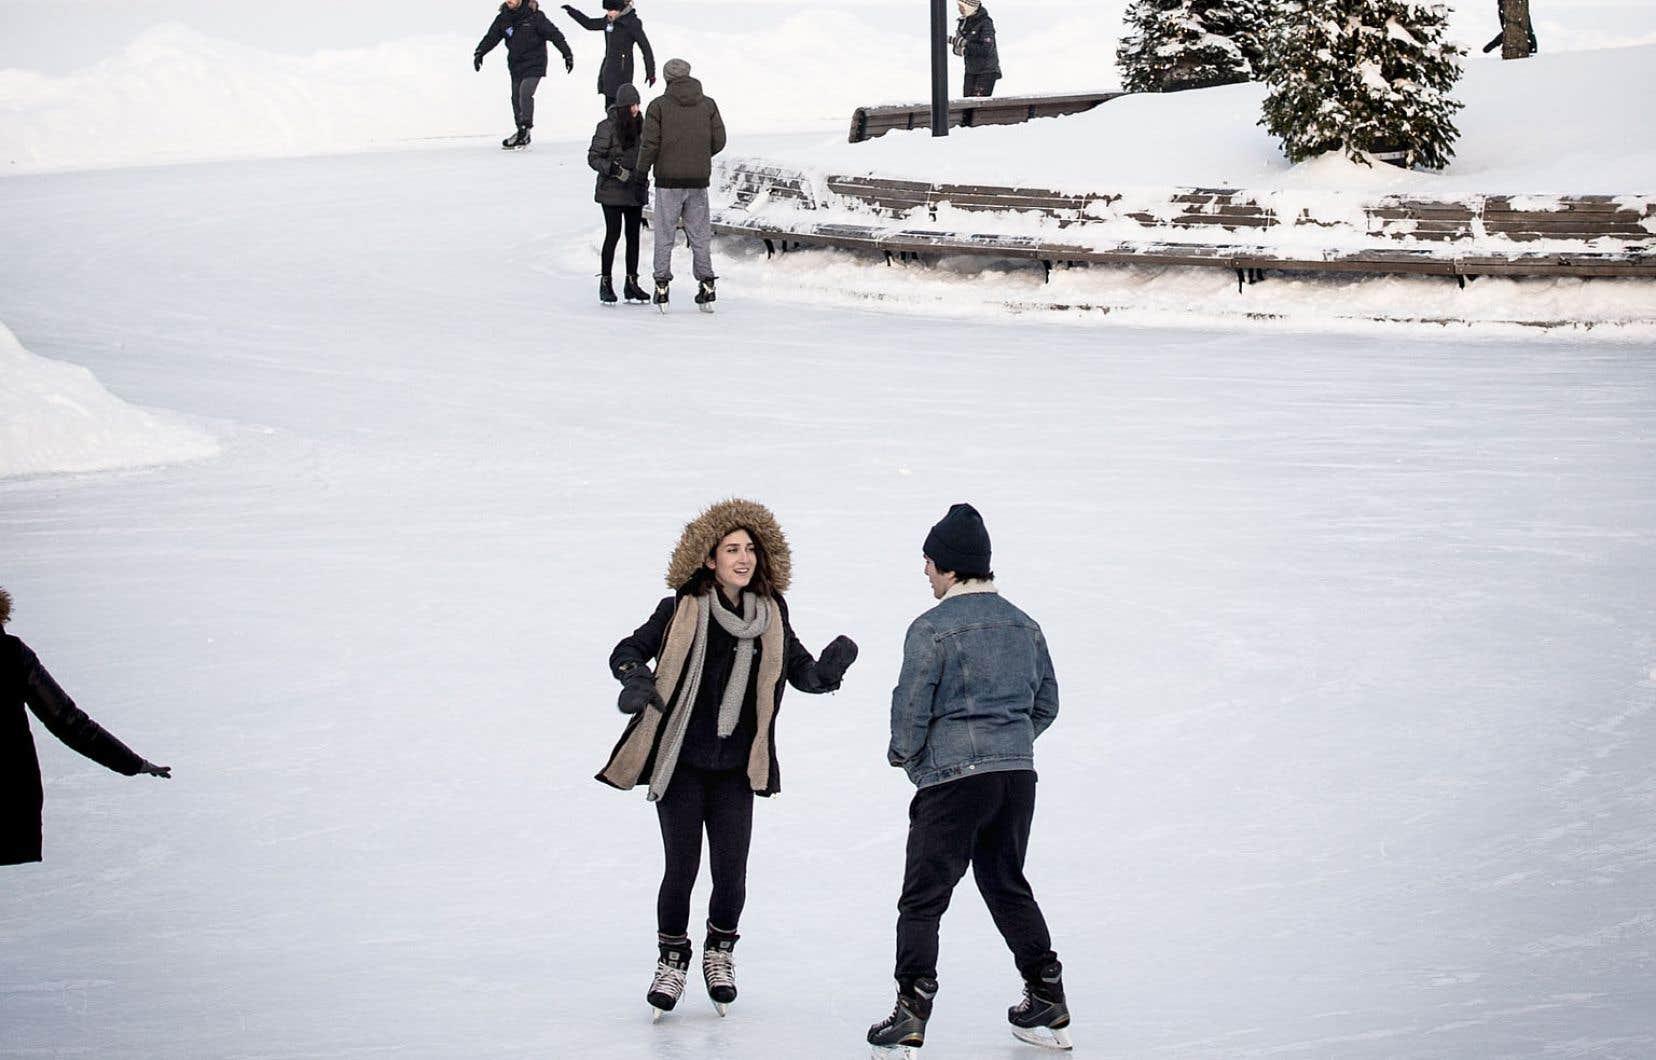 Les patineurs pourront toujours se rabattre sur la patinoire réfrigérée, le temps que Montréal trouve un lieu propice pour recréer une glace naturelle.